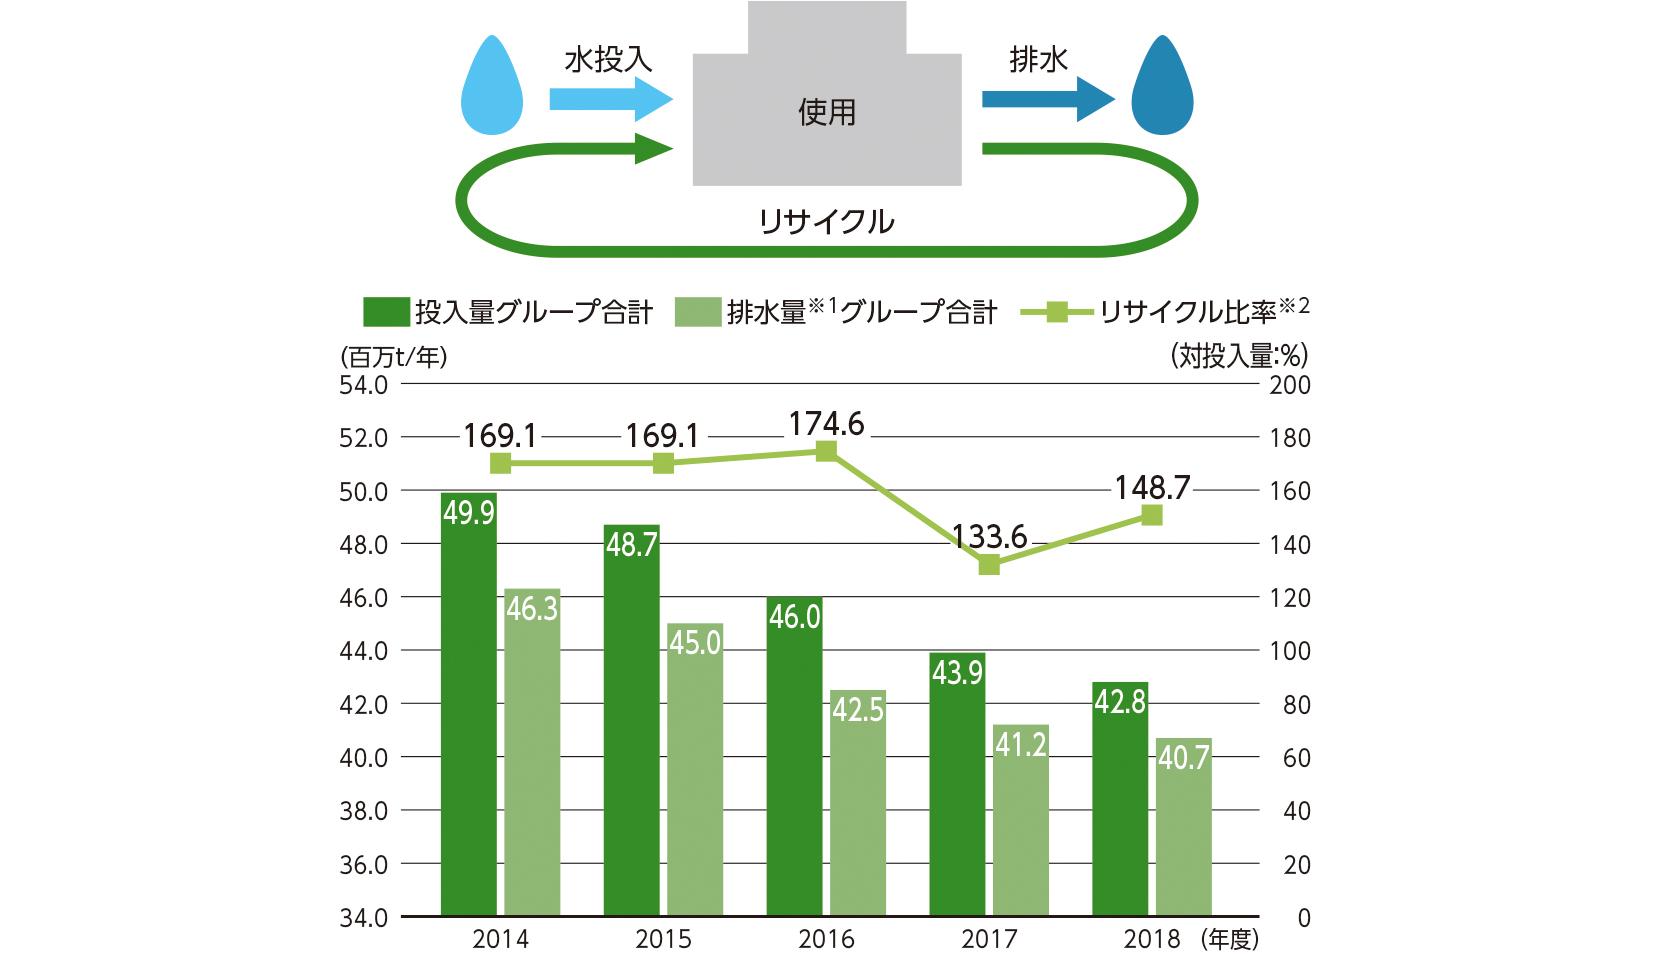 [図]水の投入量、リサイクル量及び排水量の推移